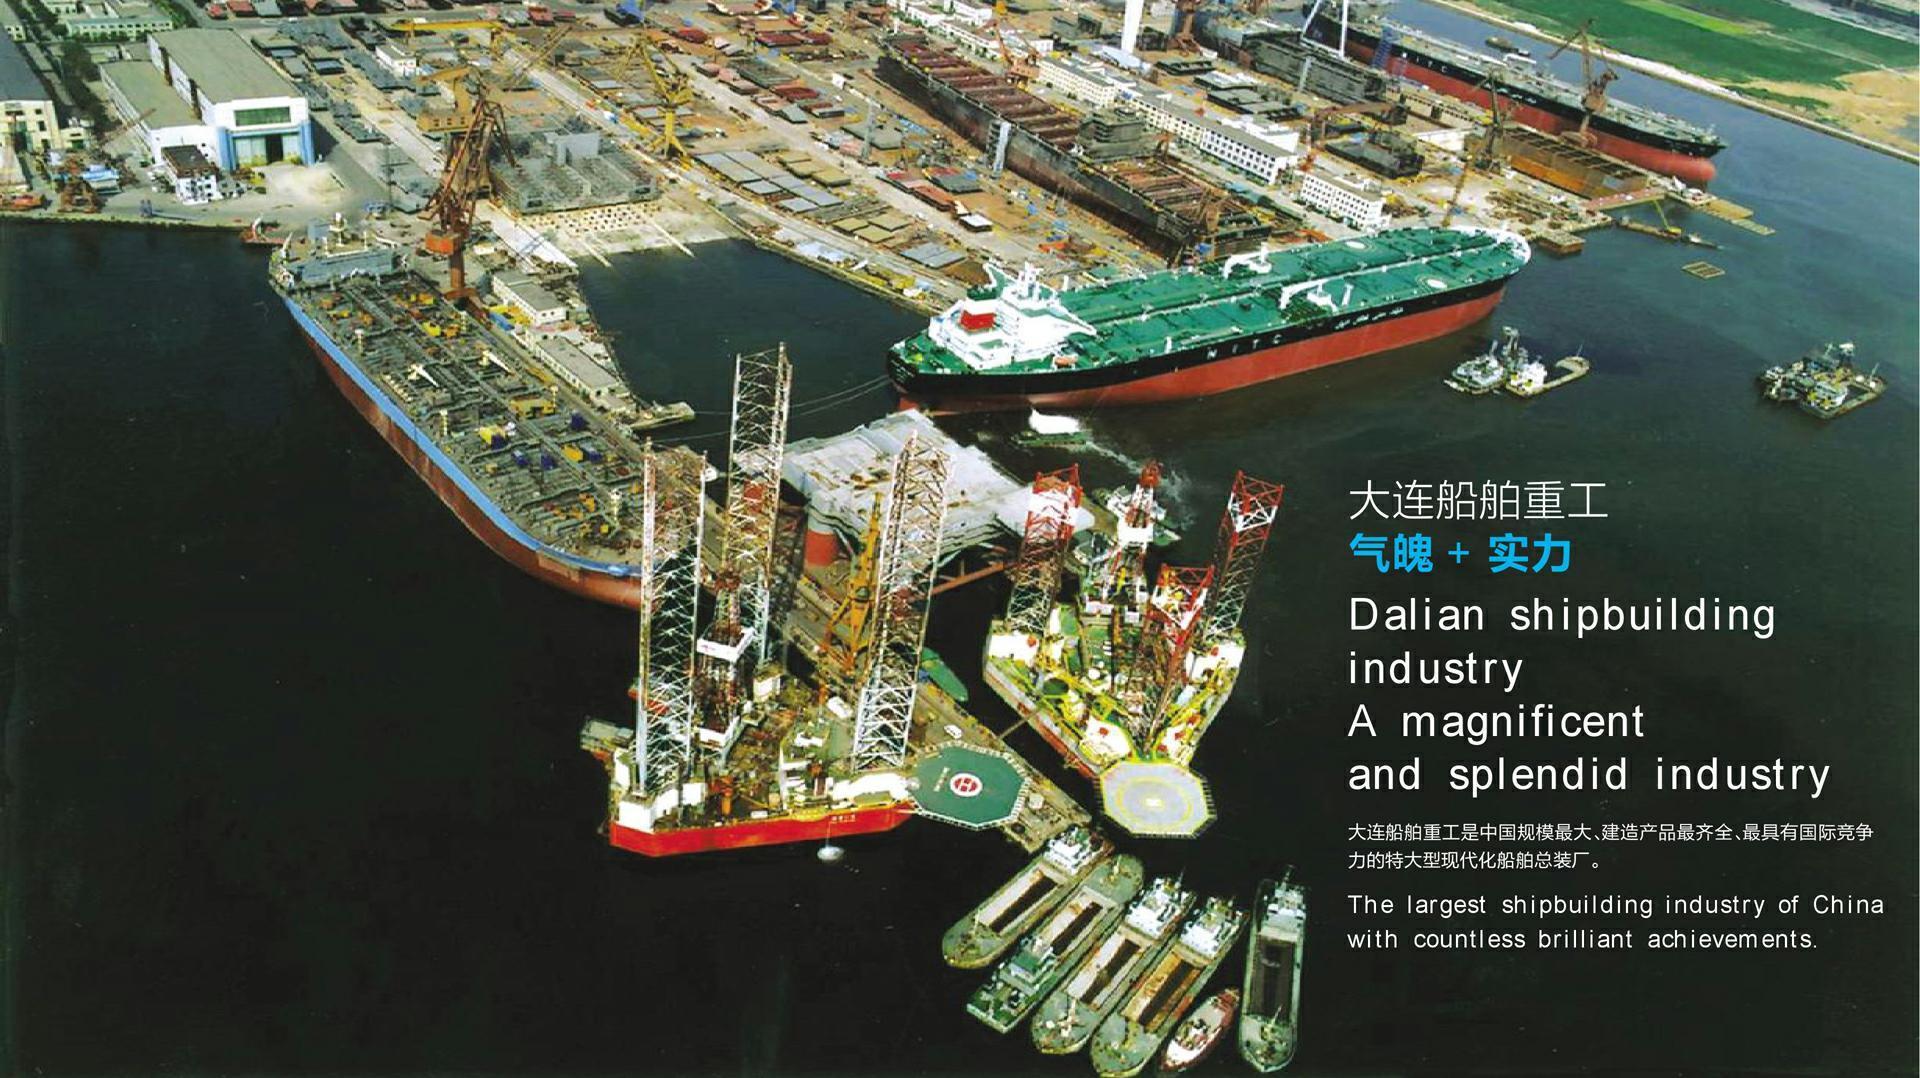 大连船舶重工是中国规模最大、建造产品最齐全、最具有国际竞争力的特大型现代化船舶总装厂。